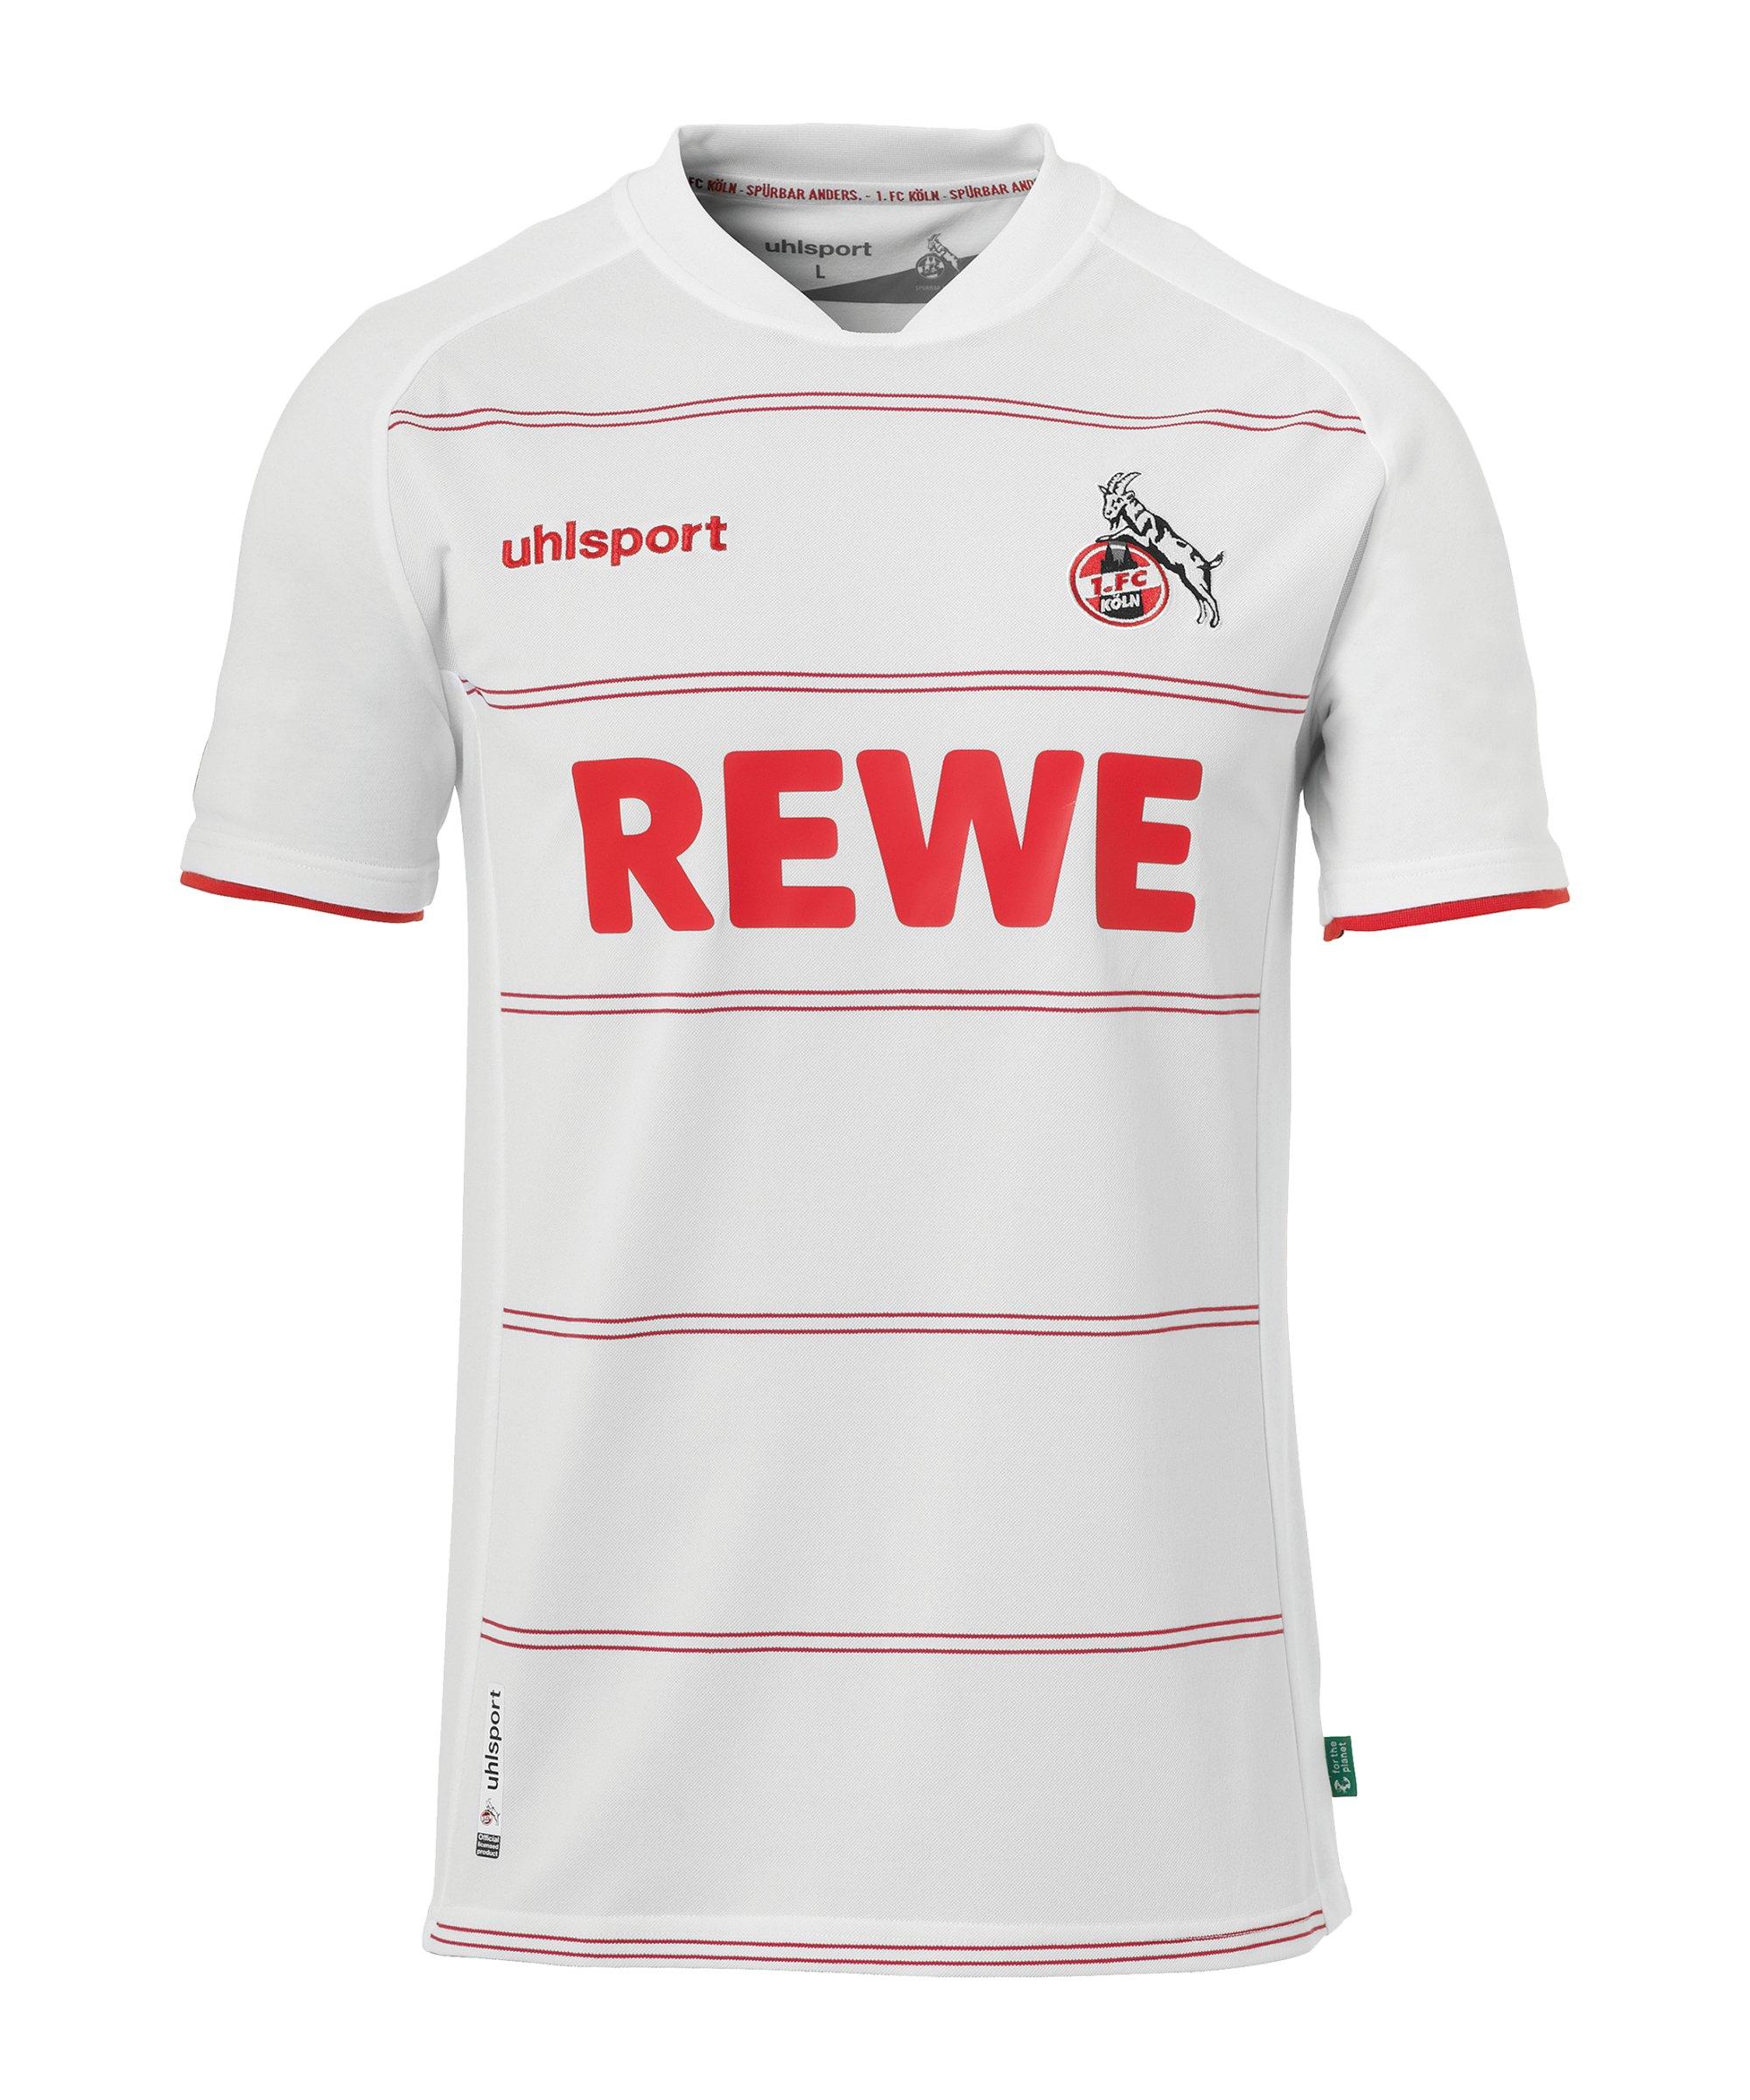 Uhlsport 1. FC Köln Trikot Home 2021/2022 Damen Weiss - weiss